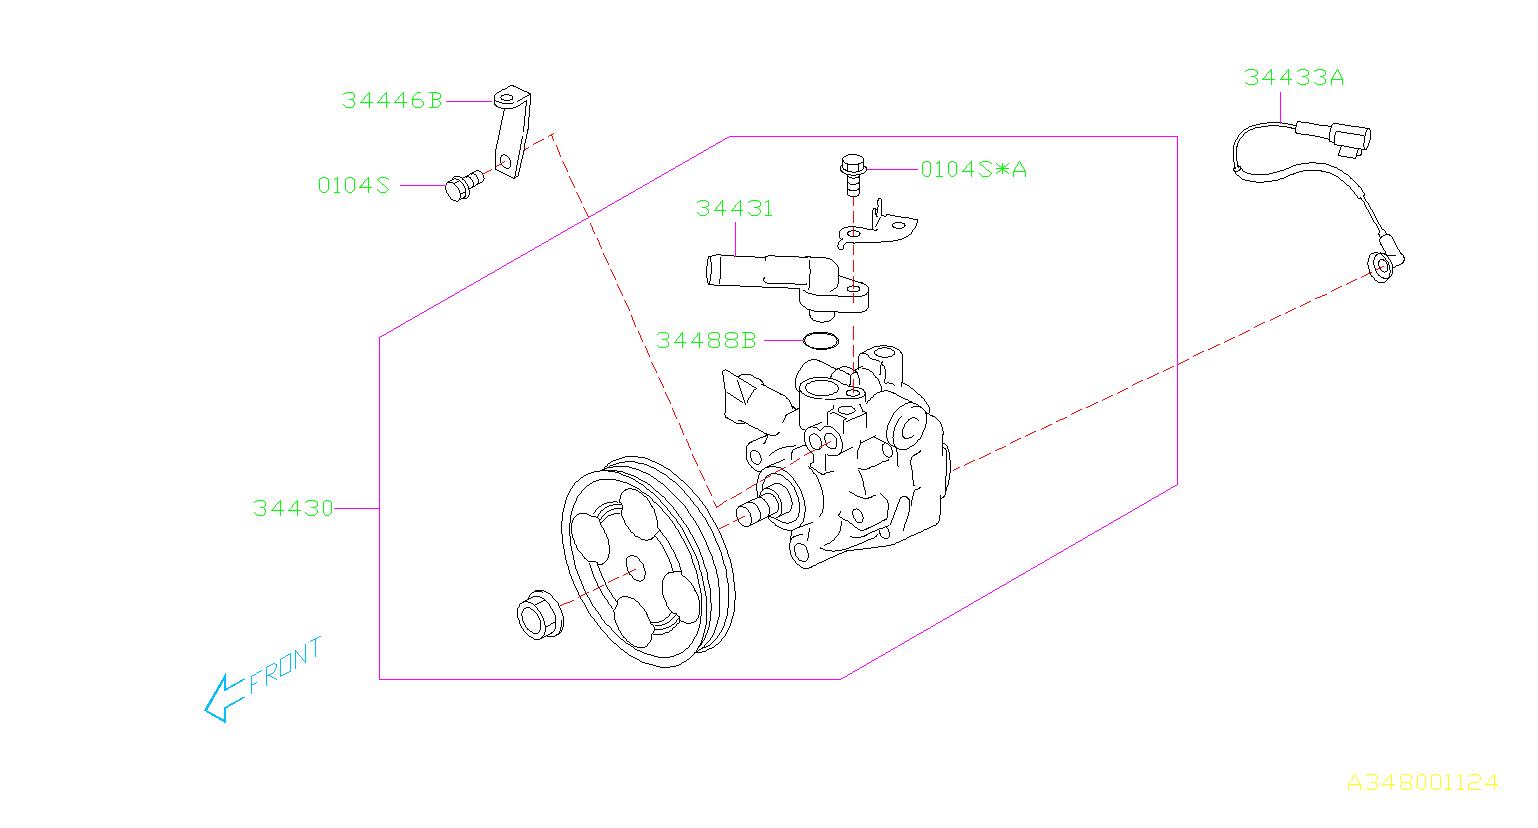 Focus Wiring Diagram